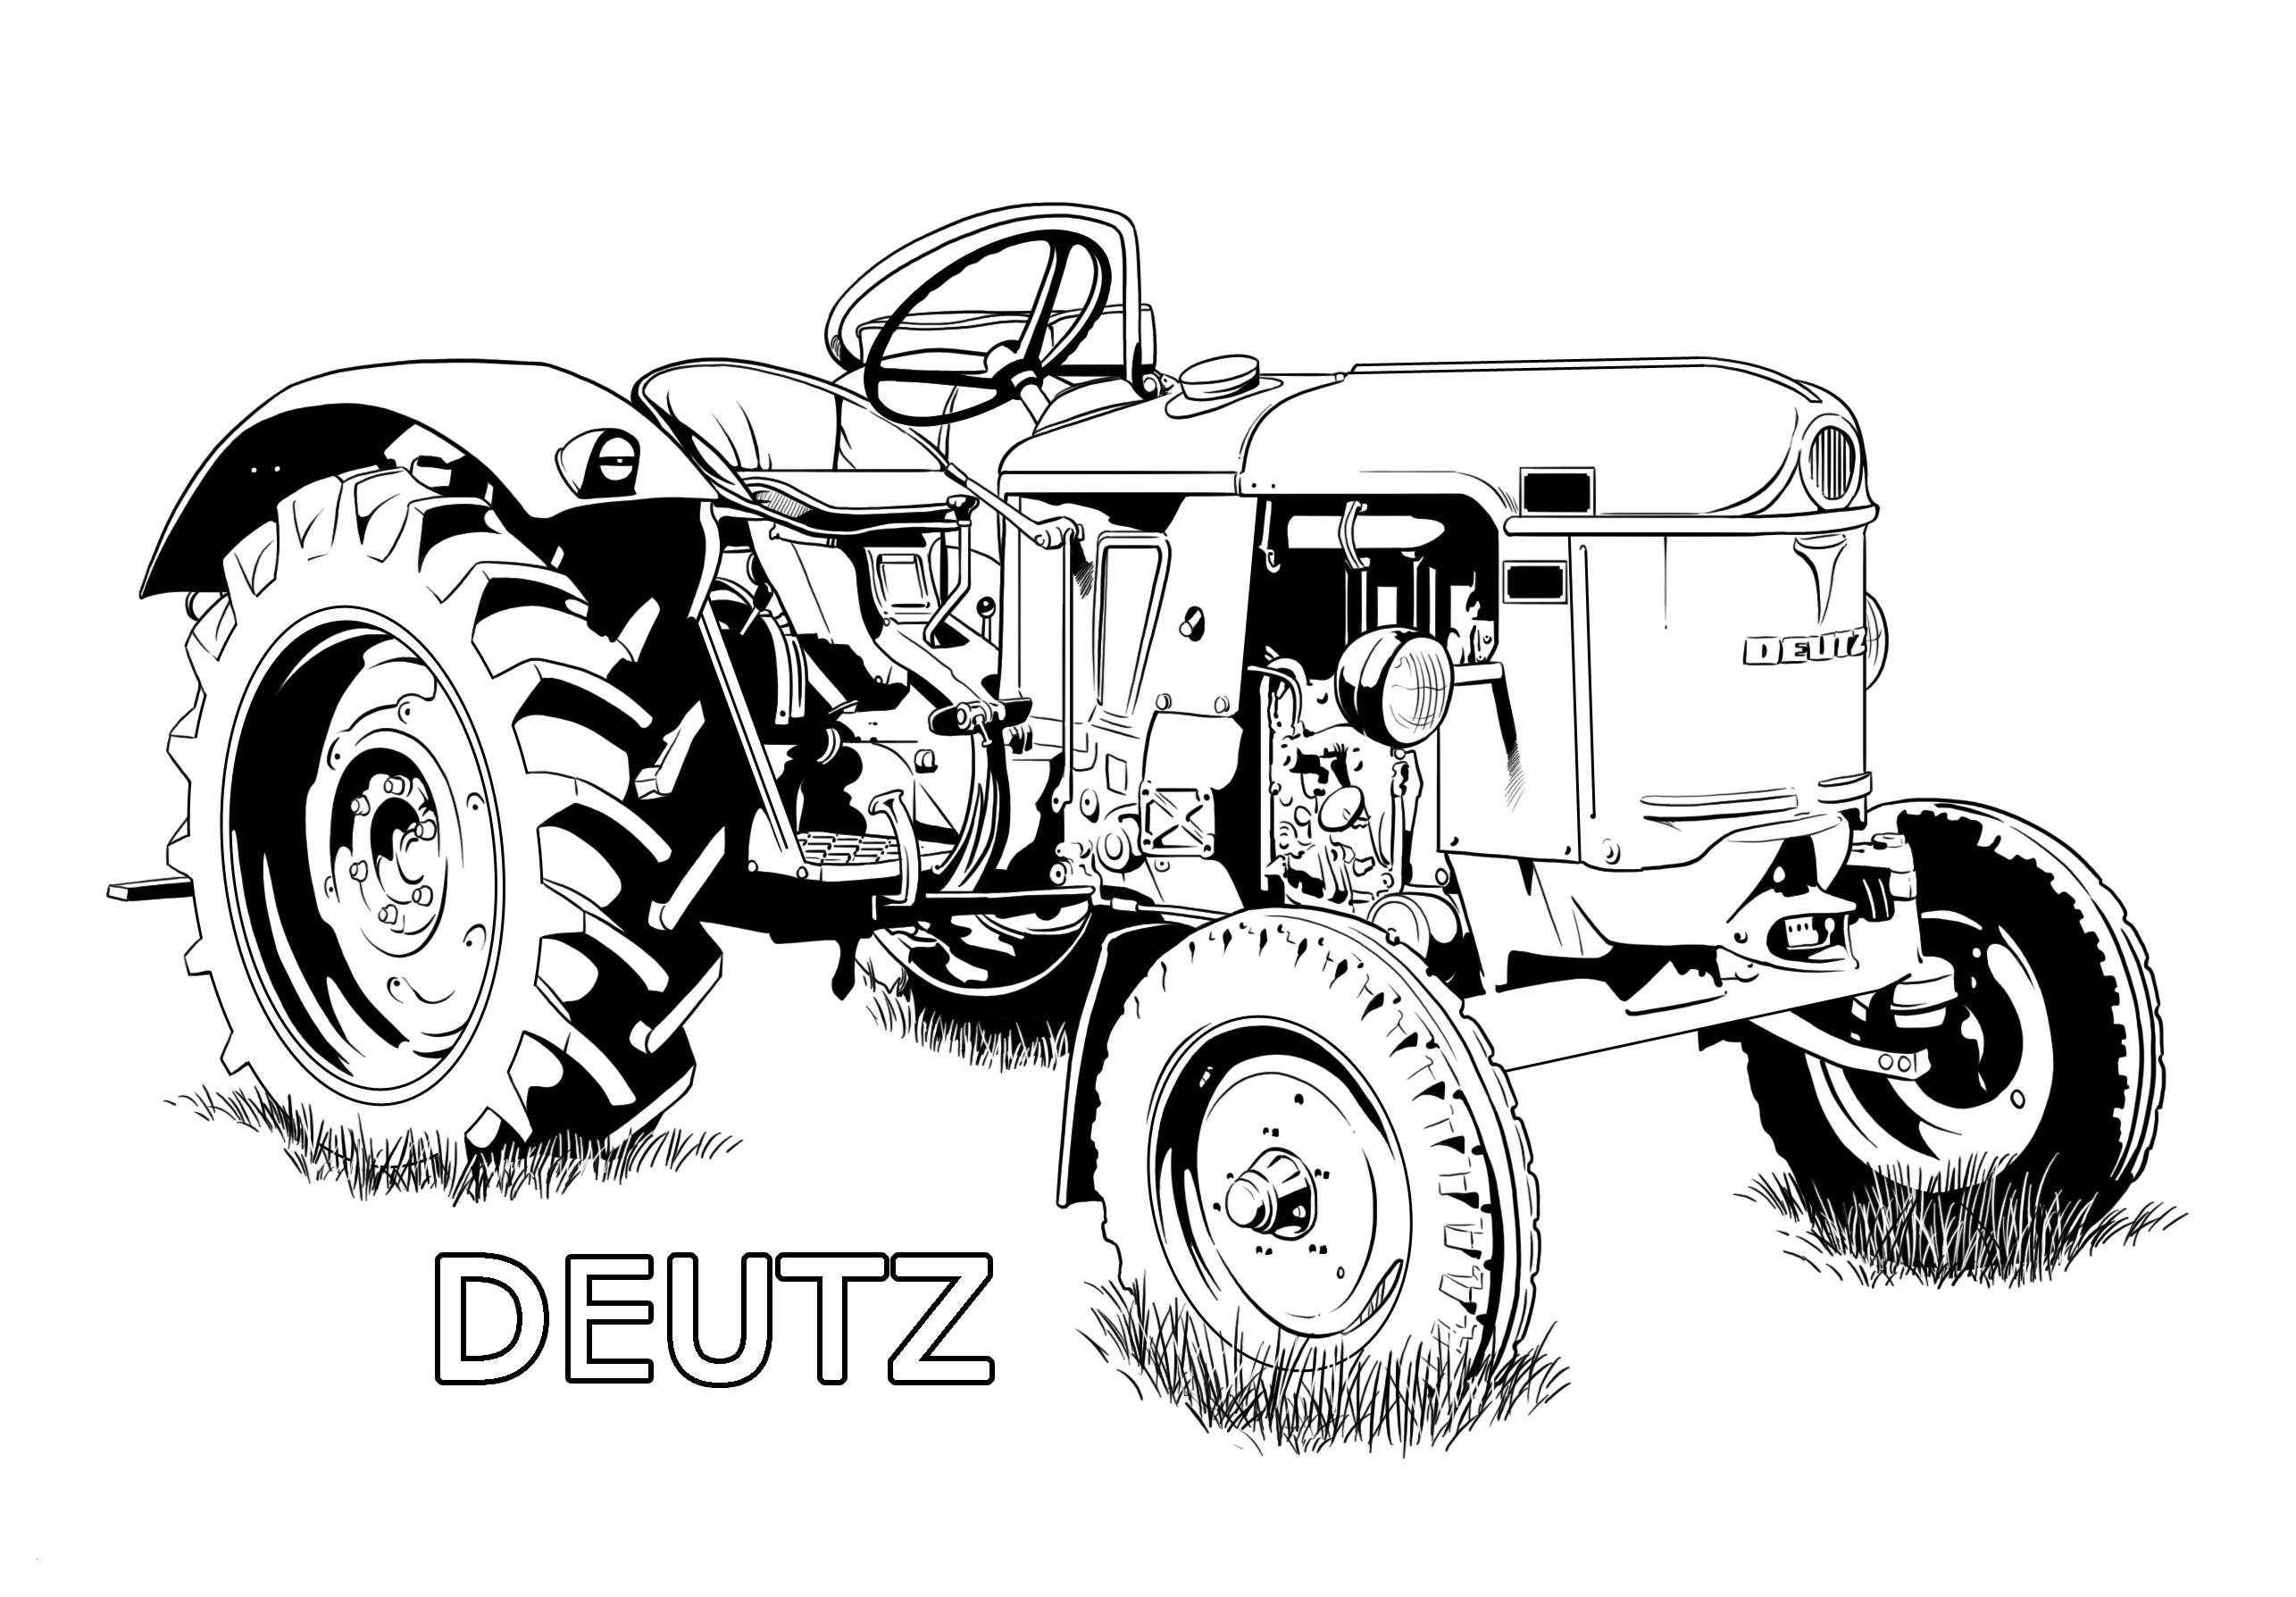 Auto Ausmalbilder Zum Ausdrucken Das Beste Von Bayern Ausmalbilder Schön Igel Grundschule 0d Archives Schön Traktor Galerie